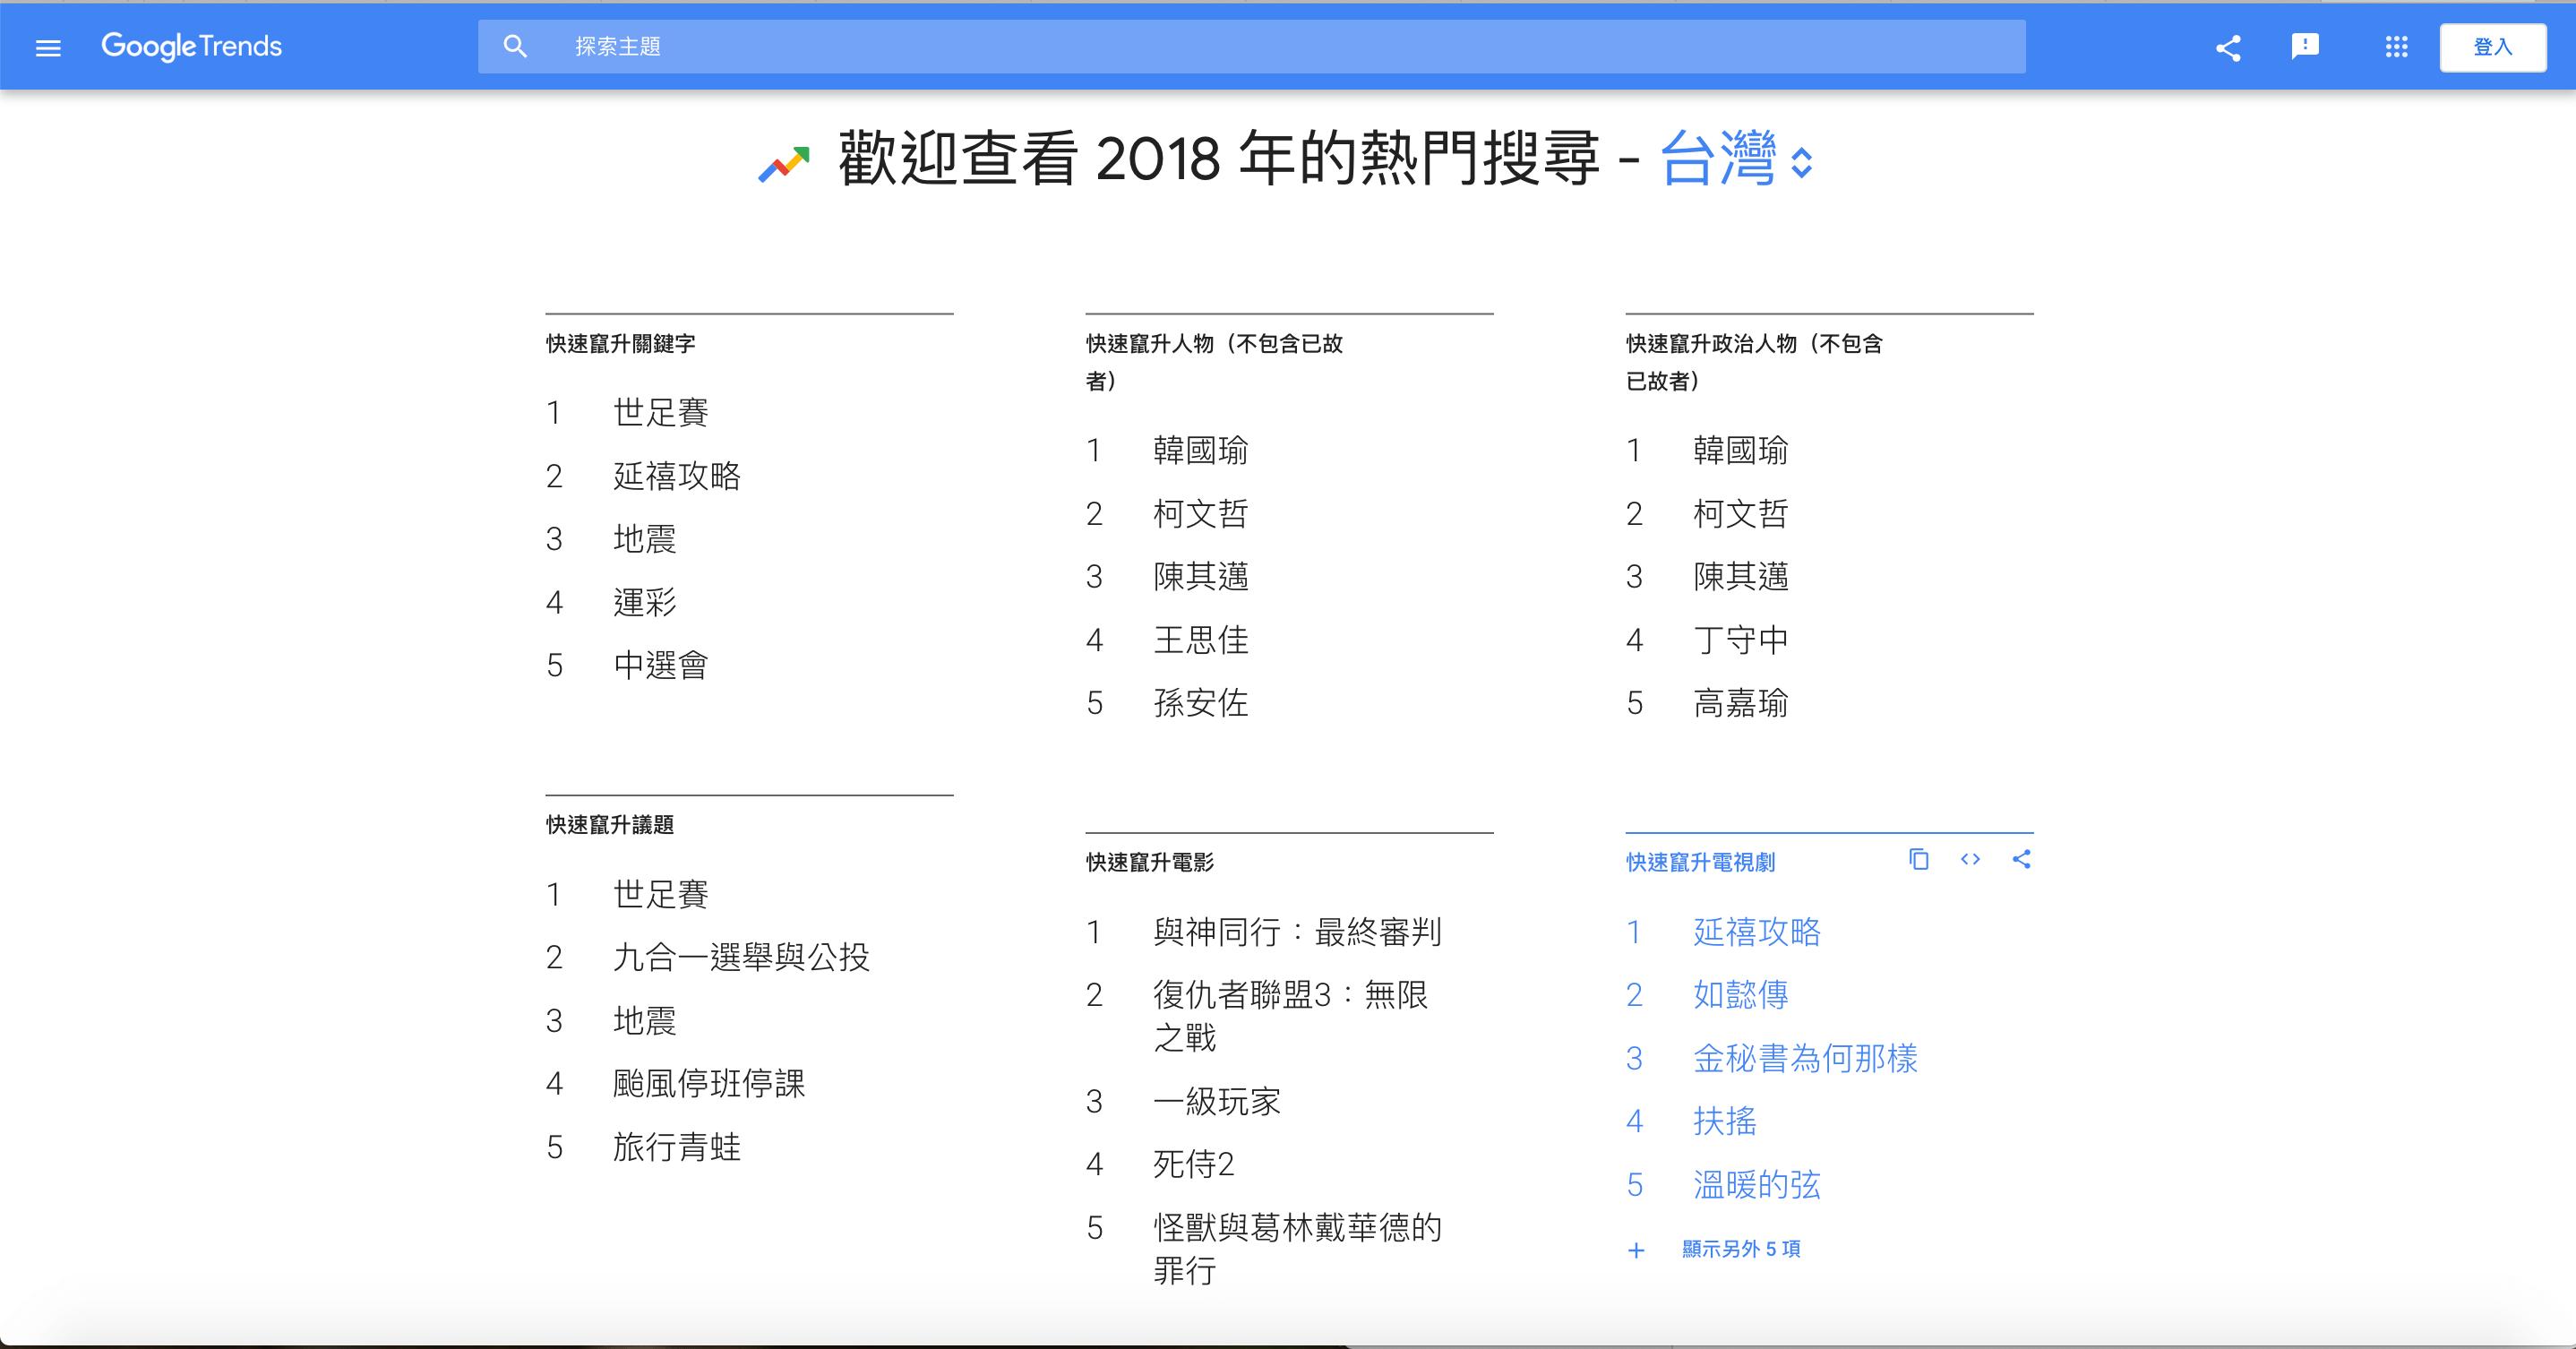 成長駭客-Google Trends 台灣